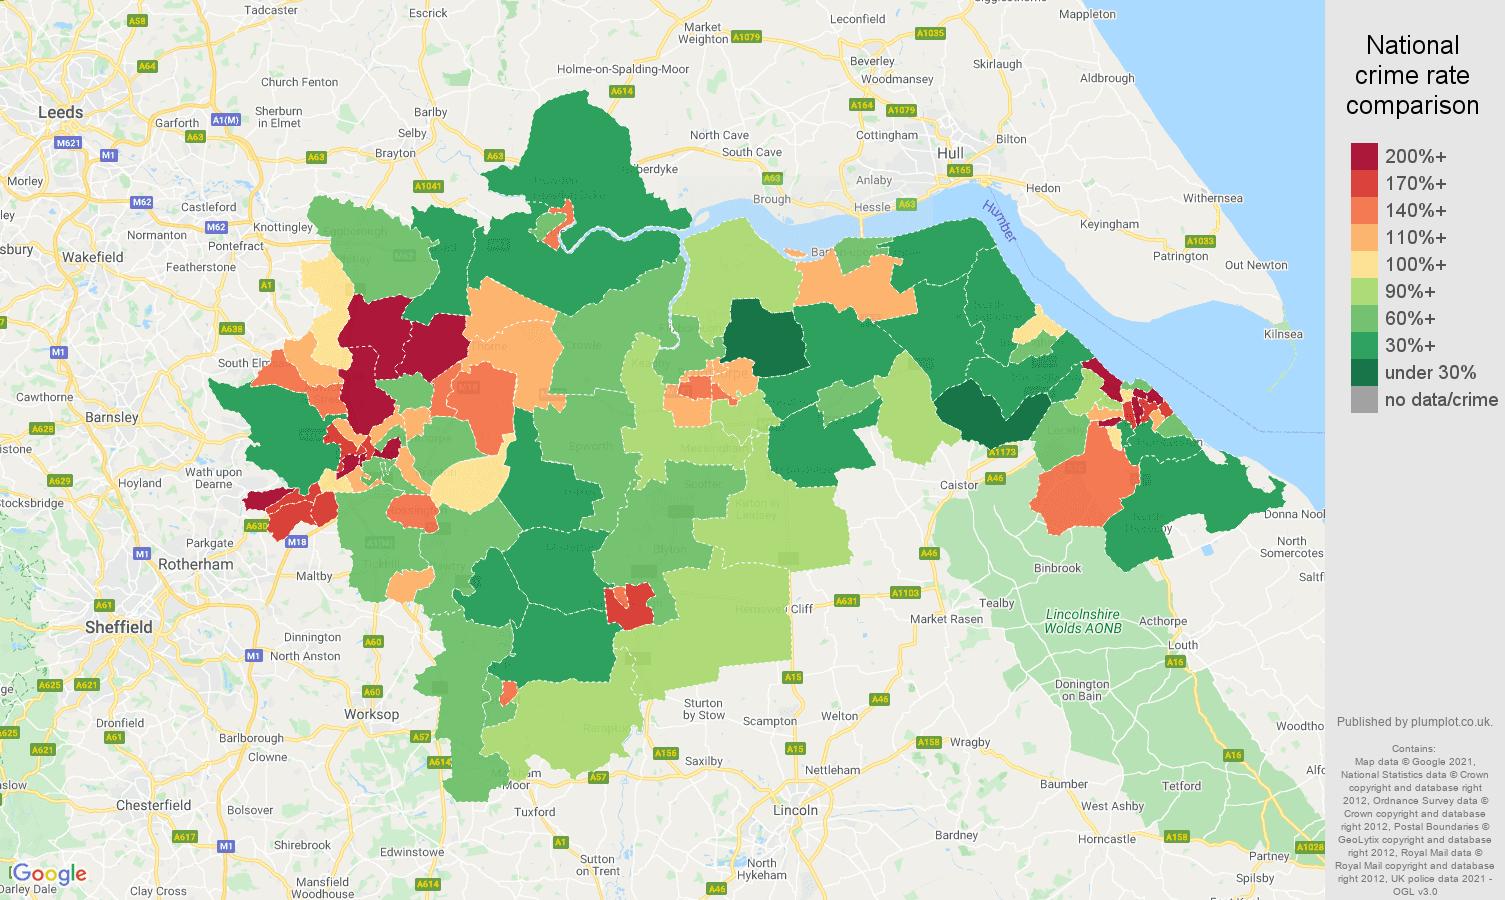 Doncaster violent crime rate comparison map